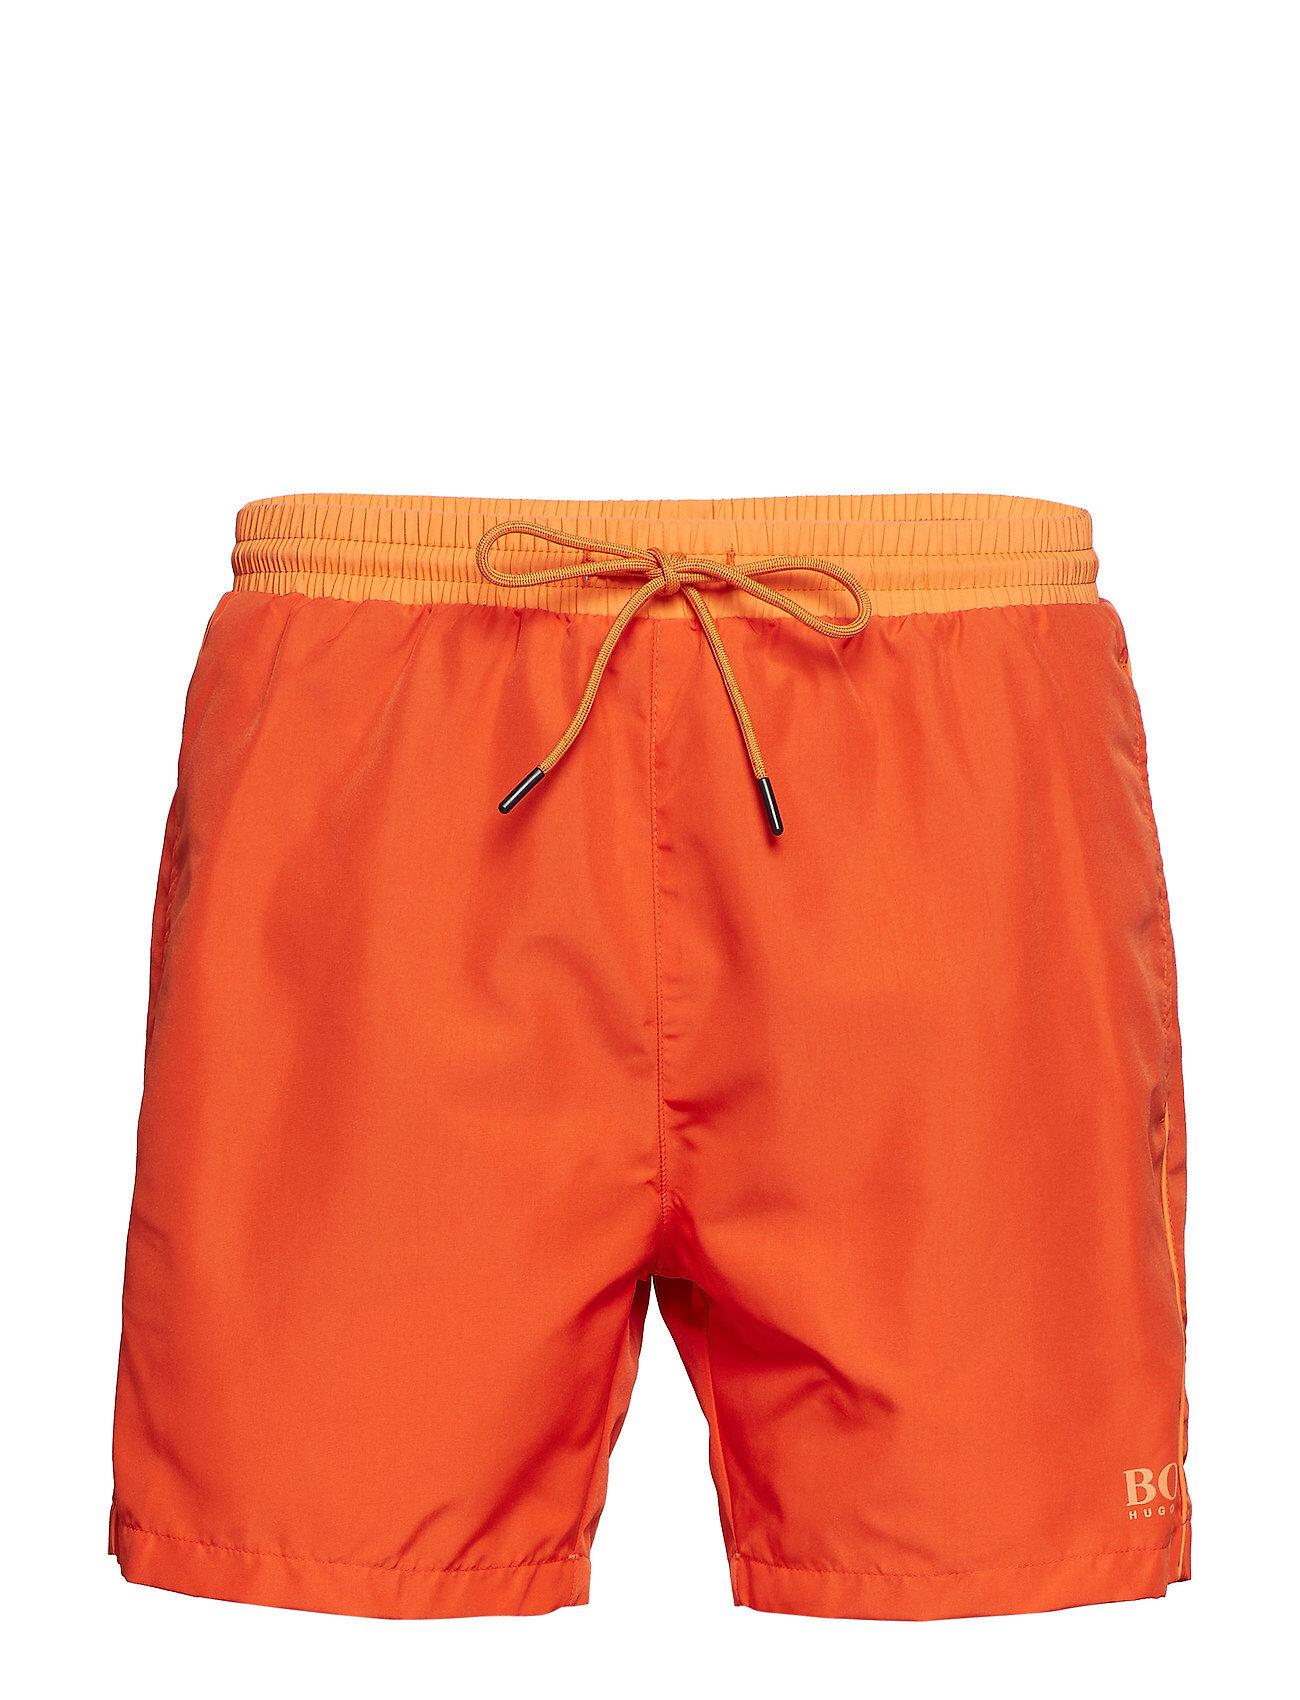 Boss Starfish Badeshorts Oransje BOSS